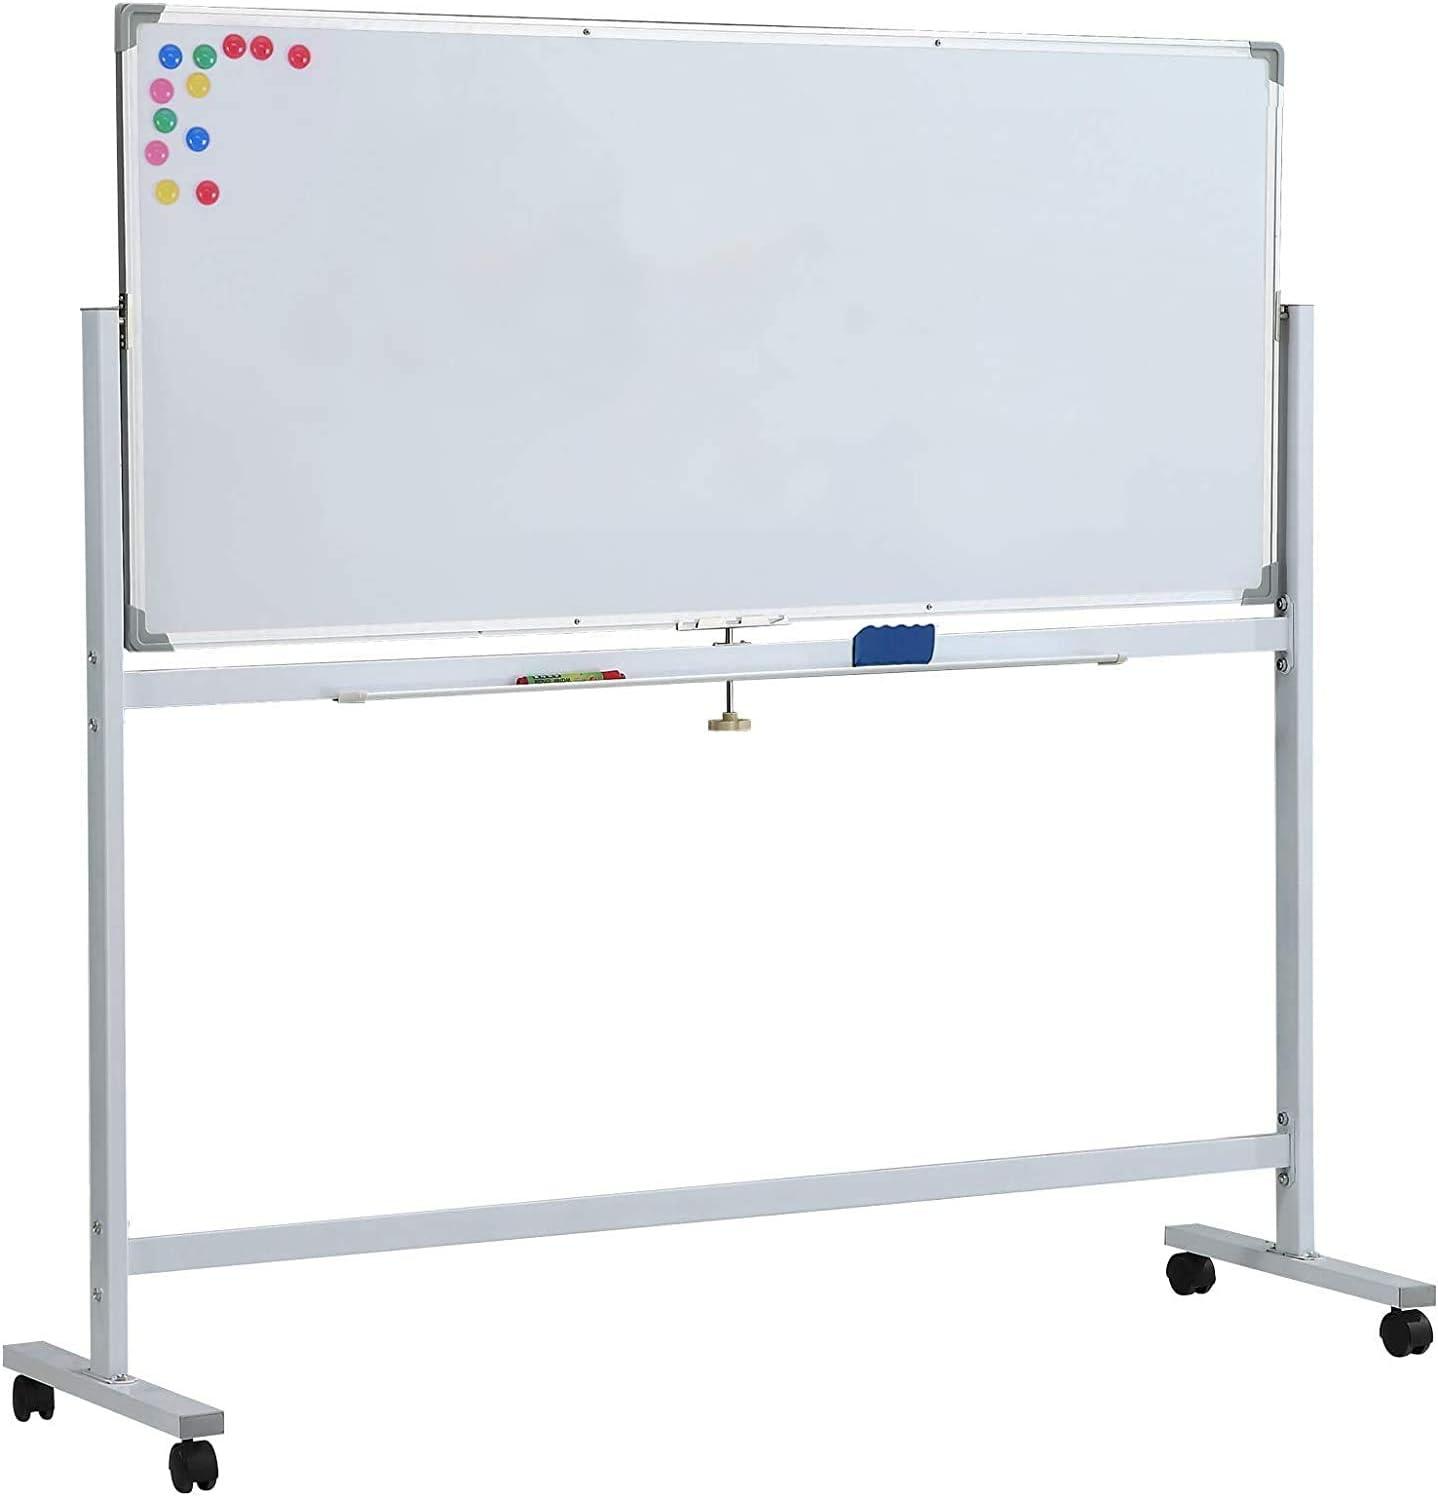 90 x 60 cm magn/ética de doble cara con soporte pizarra con marco de aluminio XIWODE Pizarra blanca m/óvil